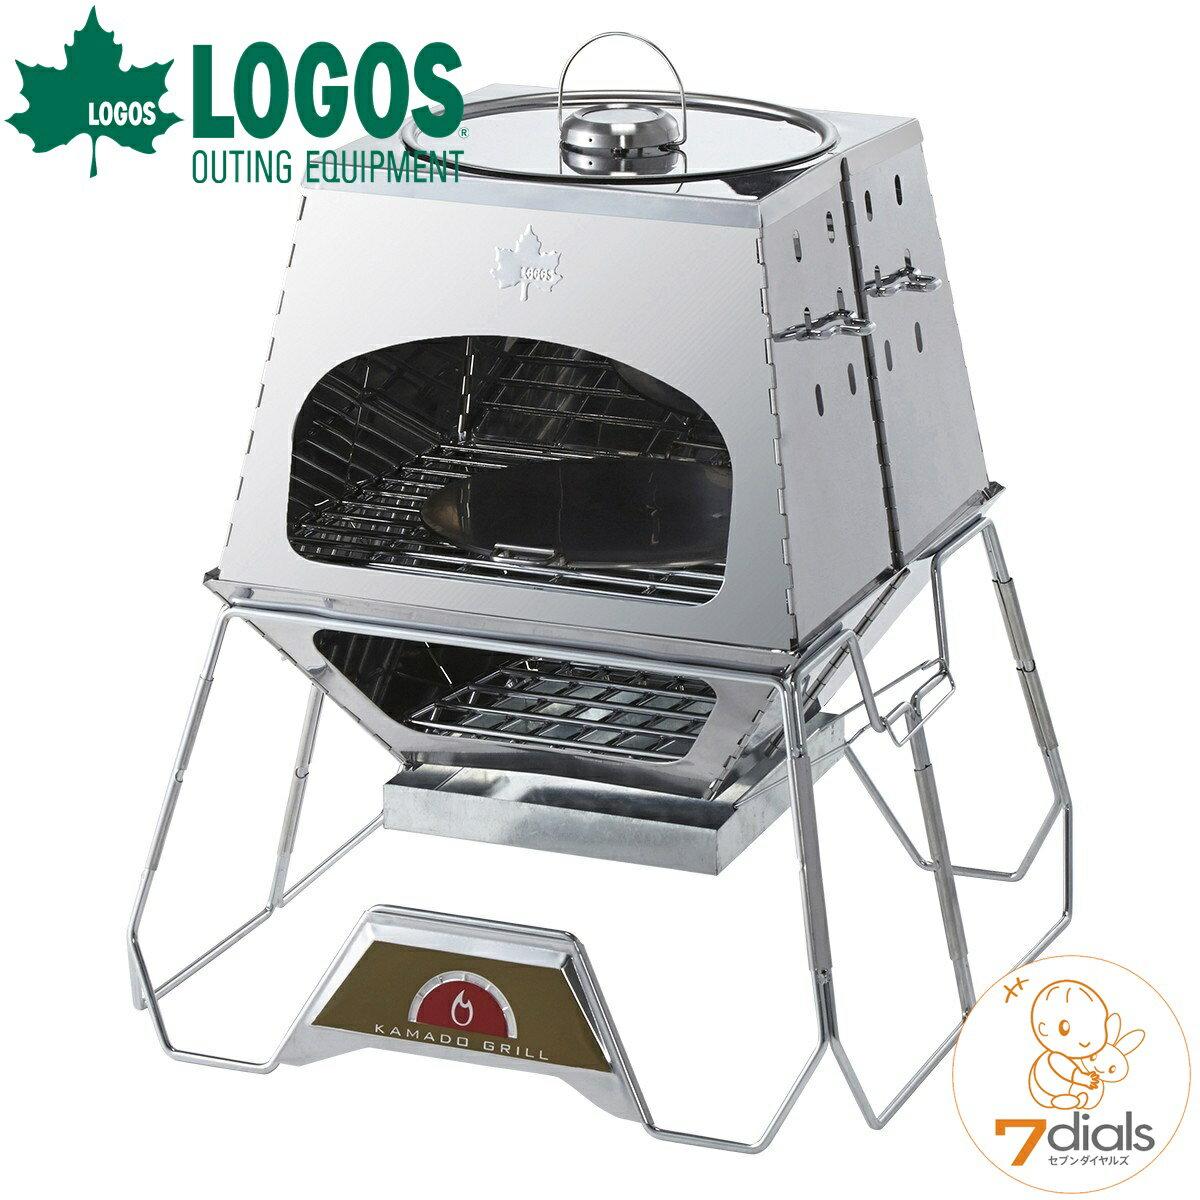 LOGOS/ロゴス LOGOS the KAMADO 同時に鍋料理とオーブン料理、ピザが焼ける便利なカマドグリル 焚火台やBBQグリルとしても使え万能